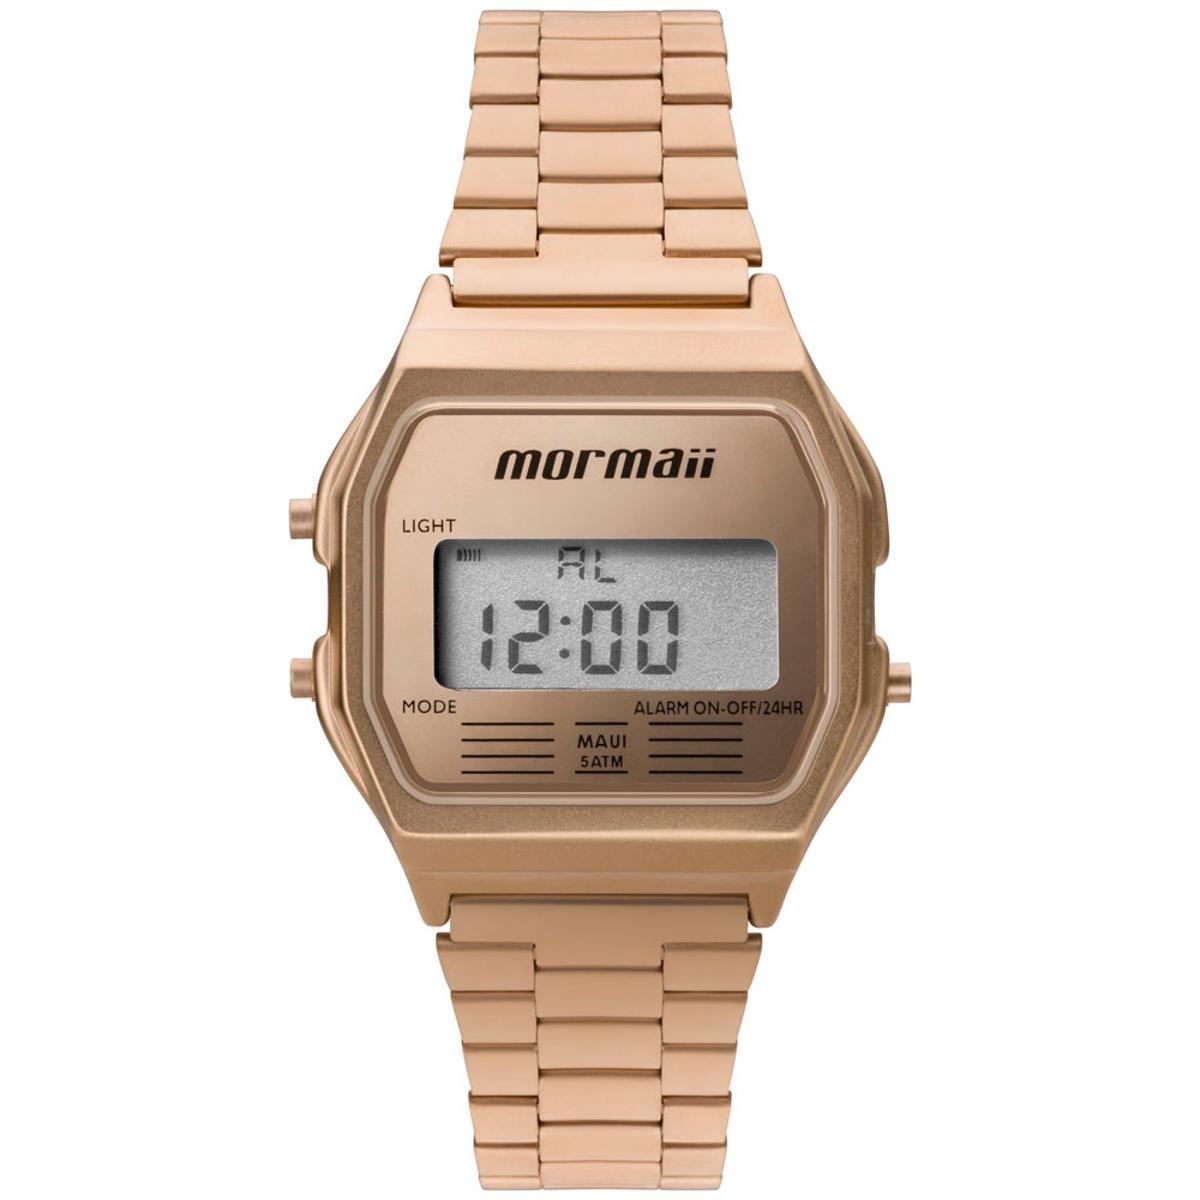 66bab9ff2ff Relógio Mormaii Feminino Sunset - MOJH02AI 4J MOJH02AI 4J - Compre Agora